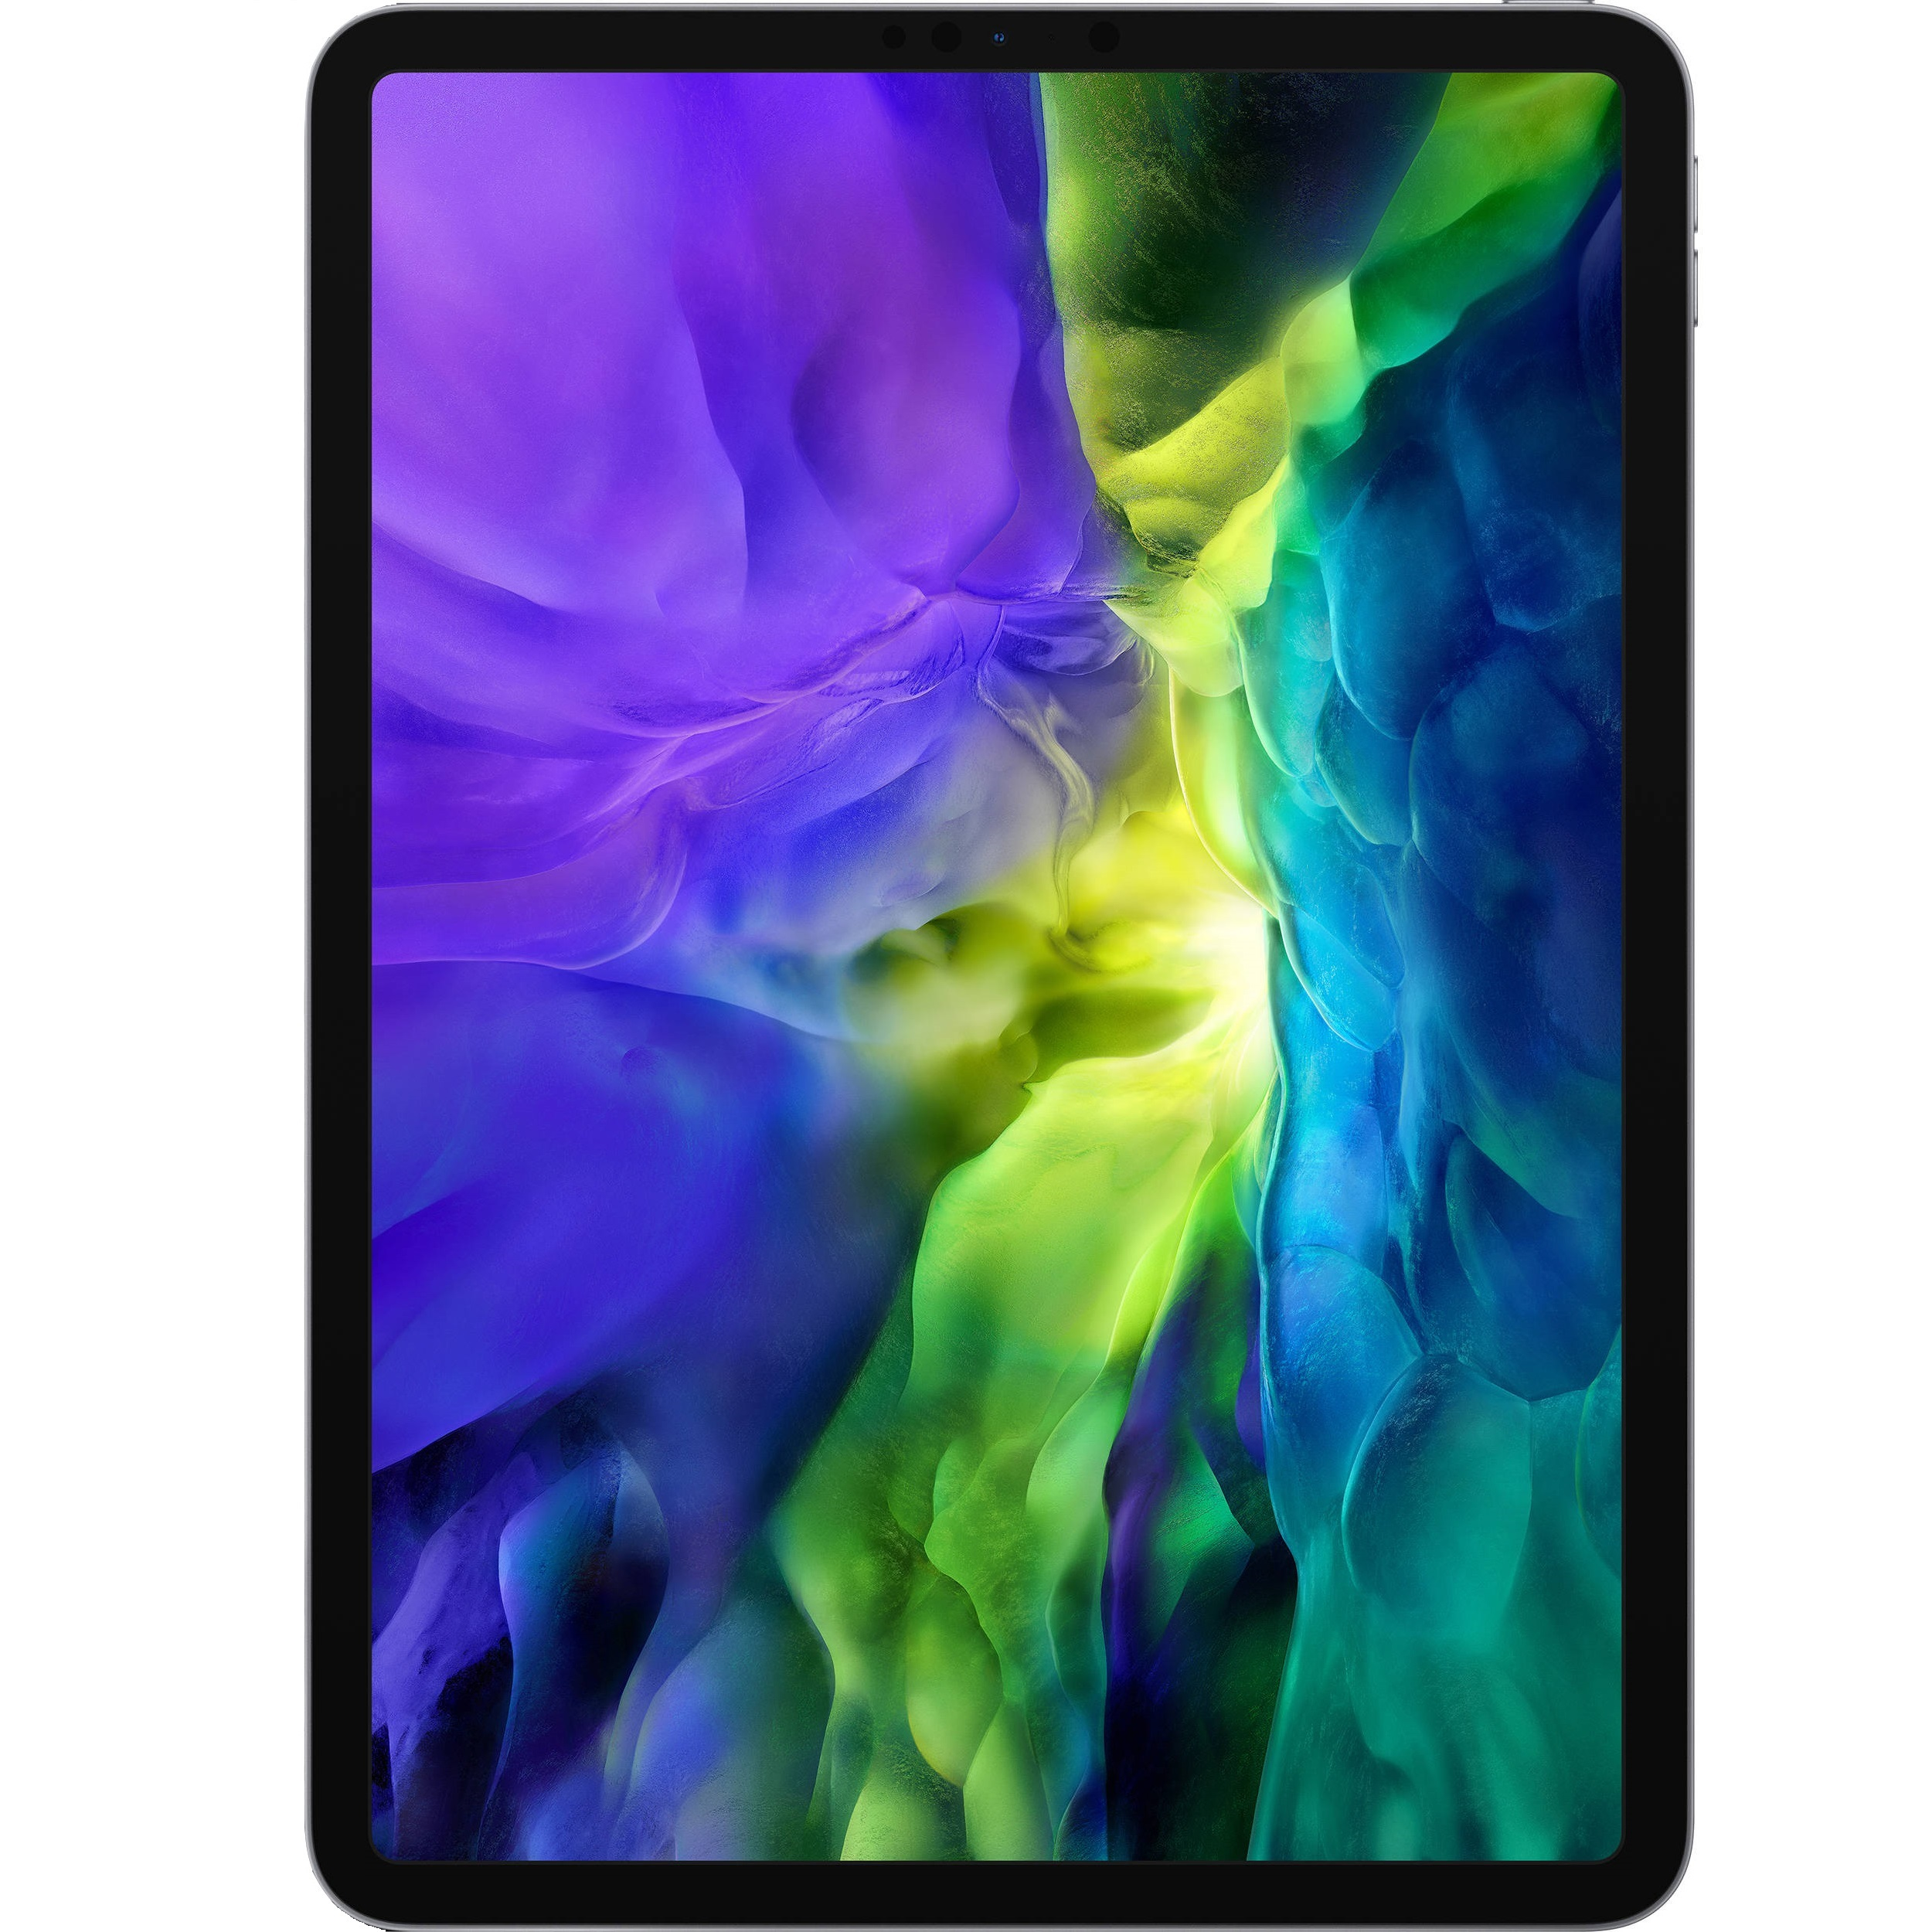 فروش نقدی و اقساطی تبلت اپل مدل iPad Pro 11 inch 2020 4G ظرفیت 1 ترابایت